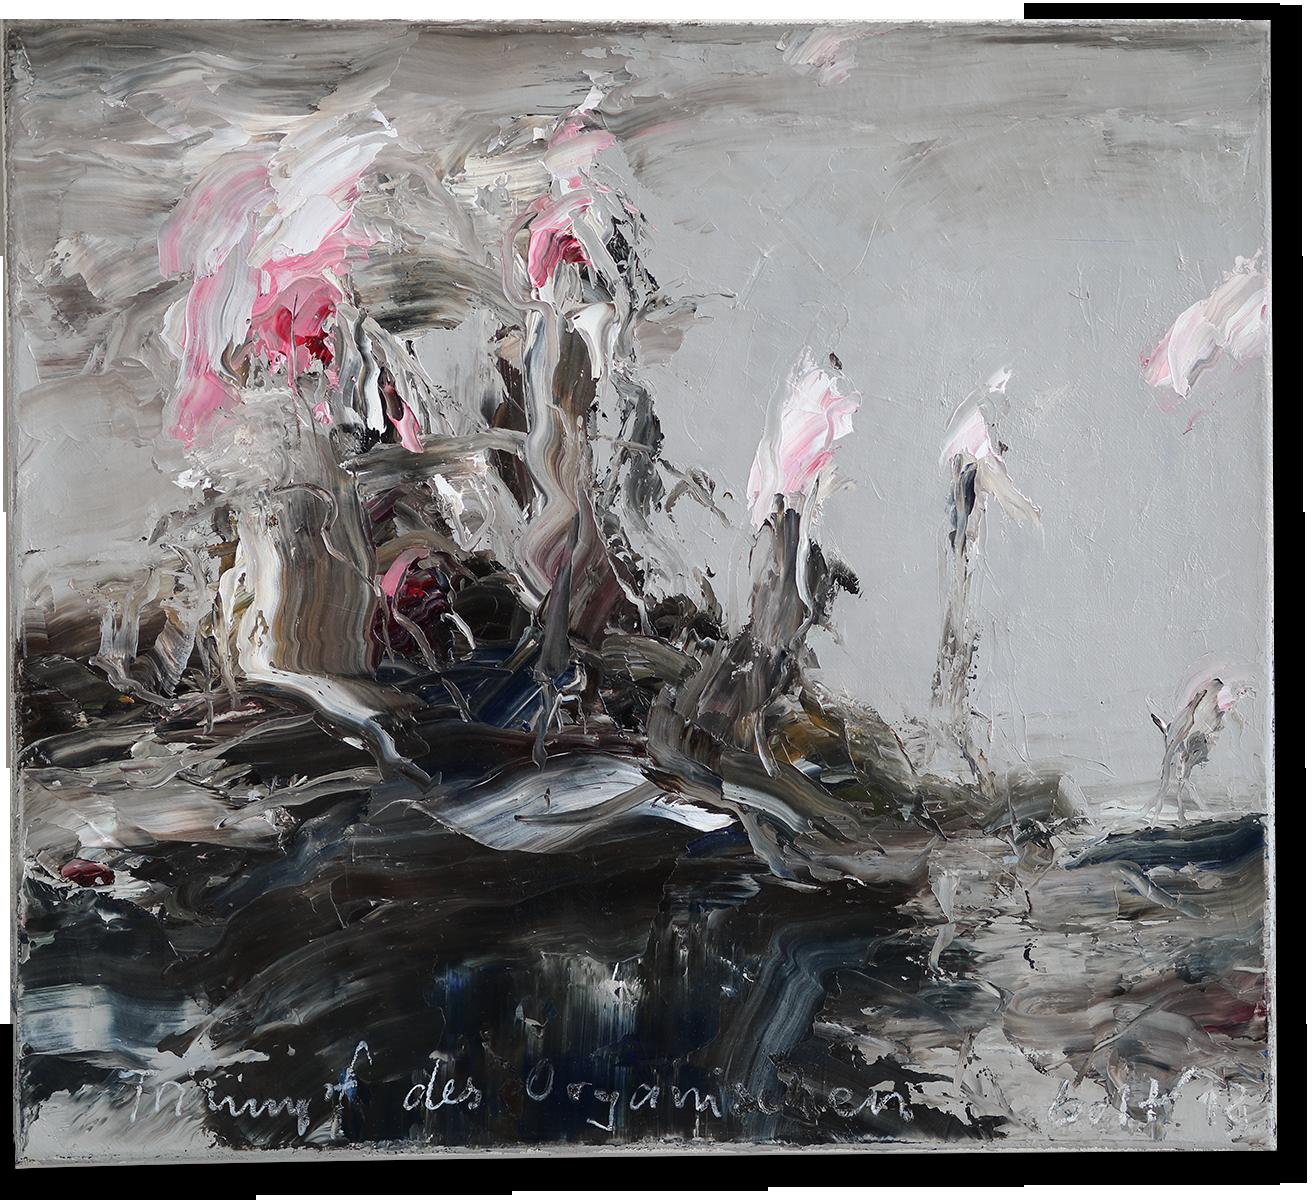 Triumpf des Organischen | 2018 | Öl auf Leinwand | 45 x 50cm